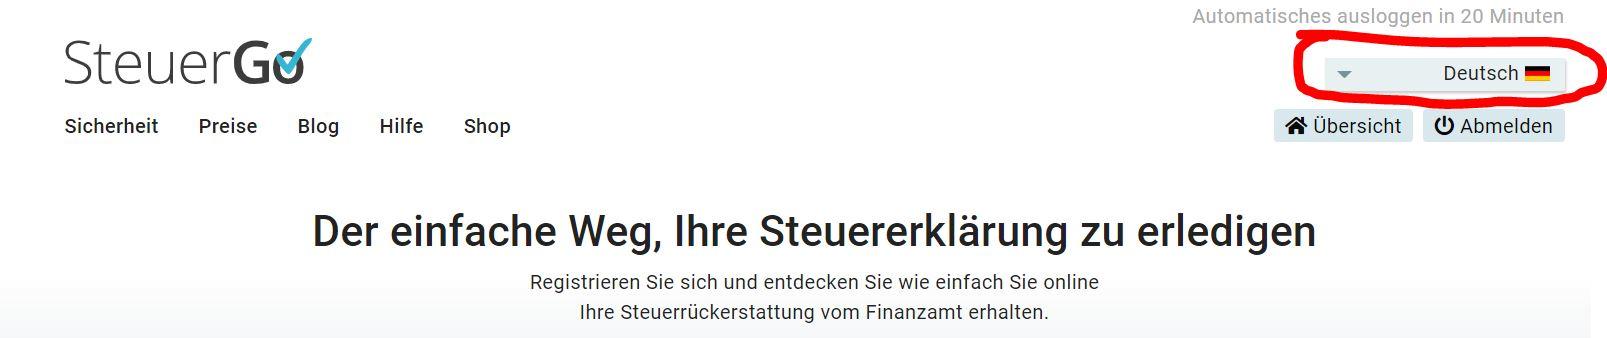 Steuererklärung Declaratie fiscala SteuerGo Germania